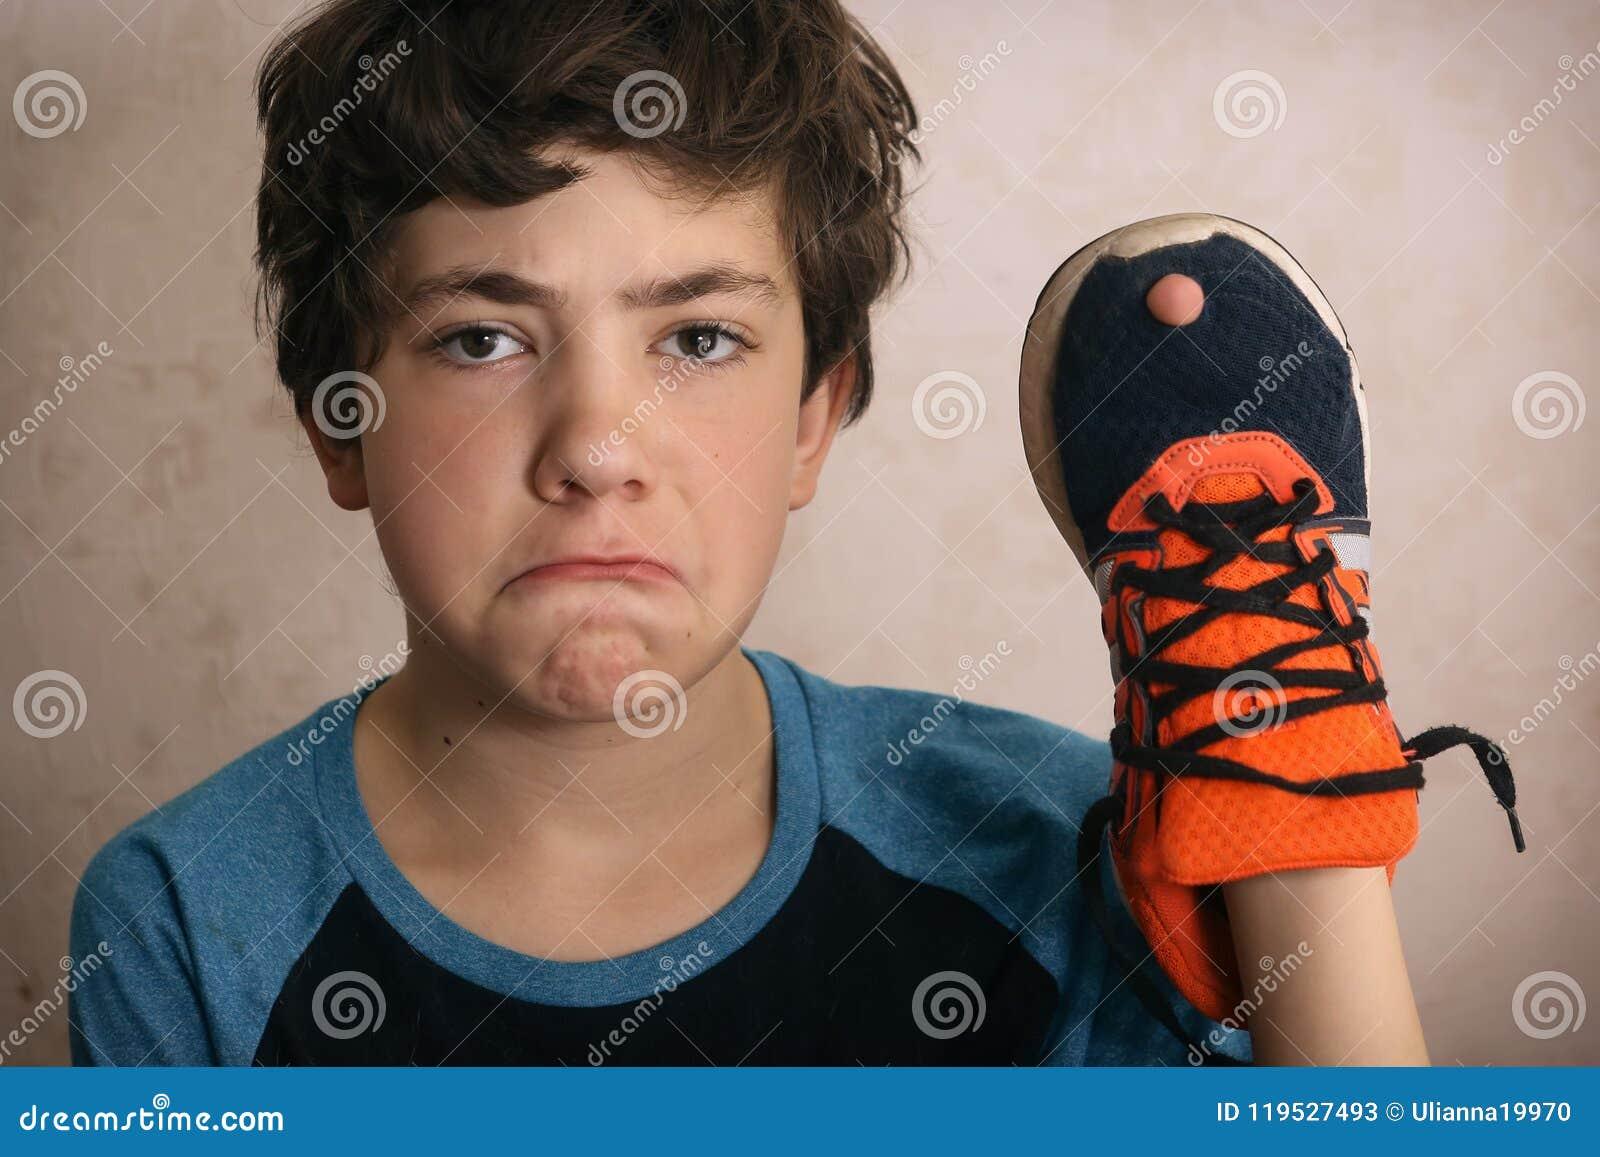 少年男孩被挫败关于在他喜爱的教练员鞋子的孔